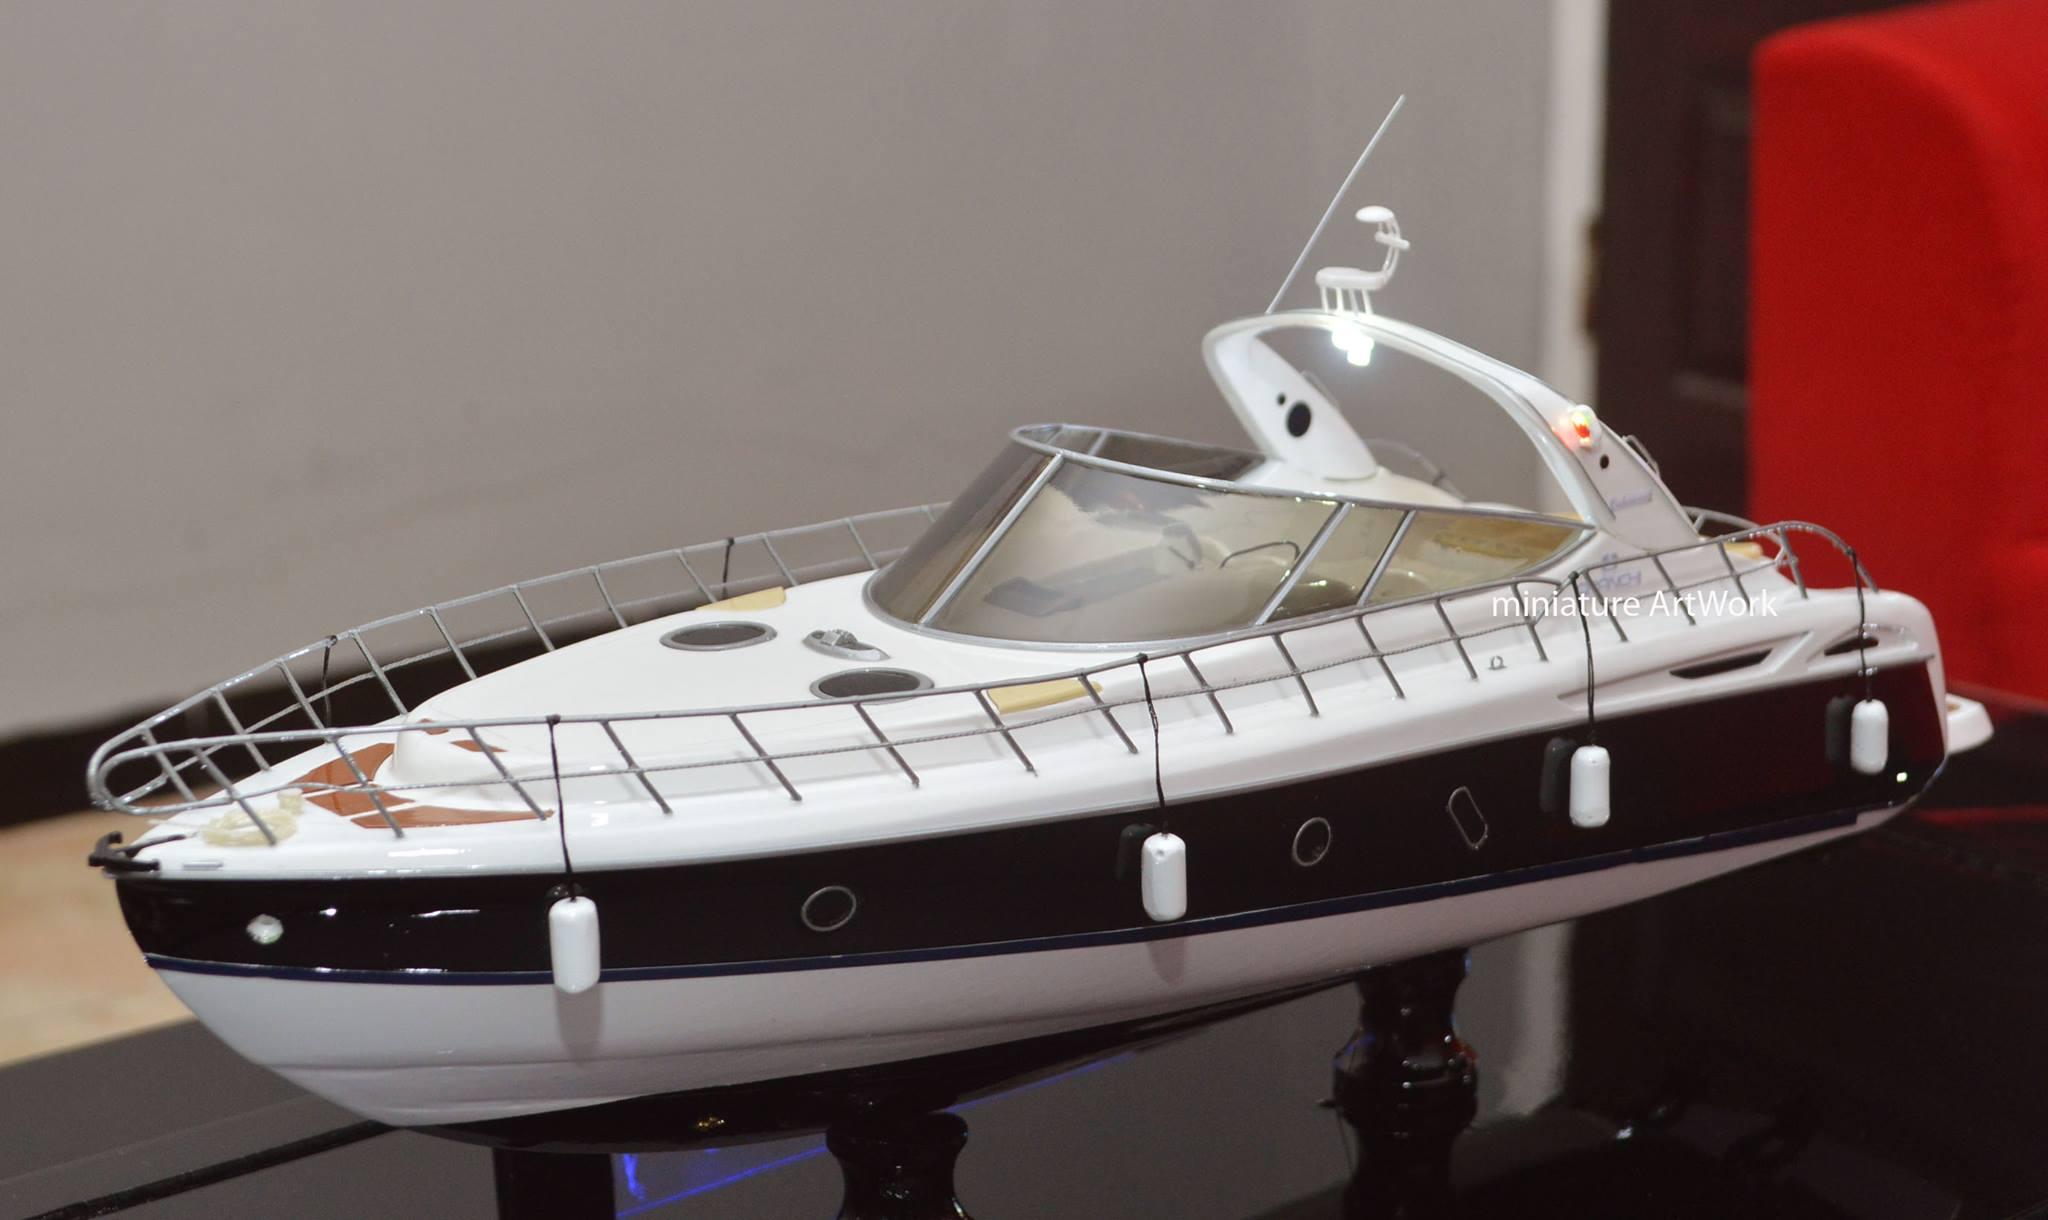 miniatur kapal yacht cranchi 41 endurance rumpun artwork temanggung planet kapal indonesia